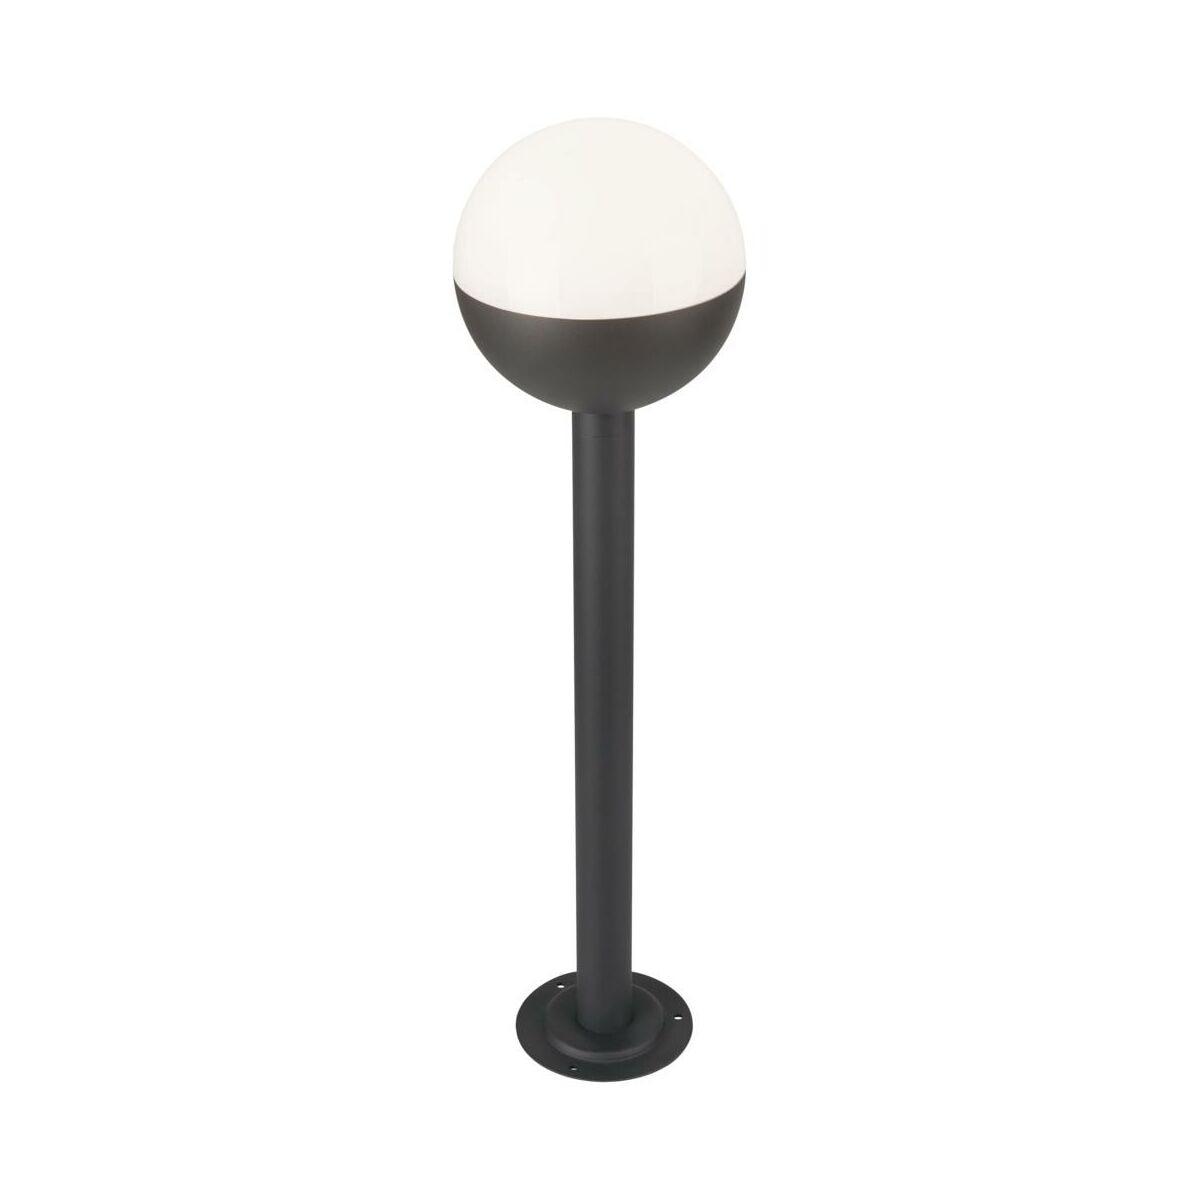 Lampa ogrodowa stojąca ULSA czarna POLUX